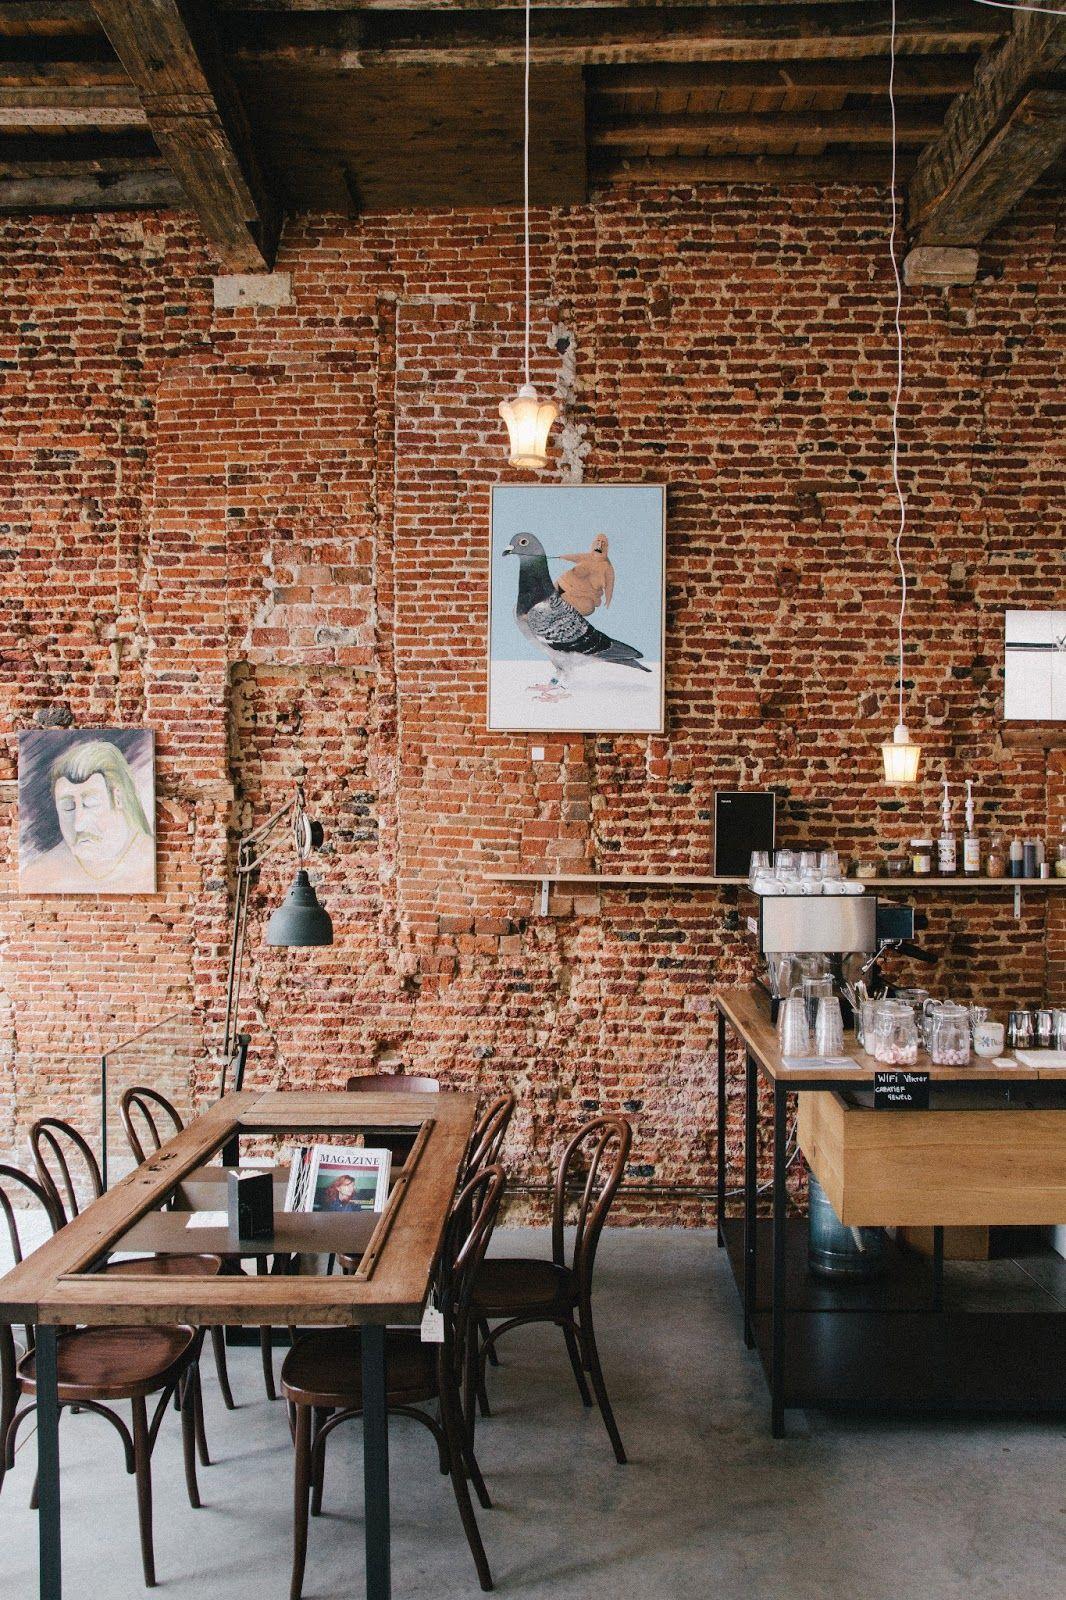 15 Cafe Populer di Jogja Buka 24 Jam Selalu Ramai Buat Nongkrong Sampai Pagi 4